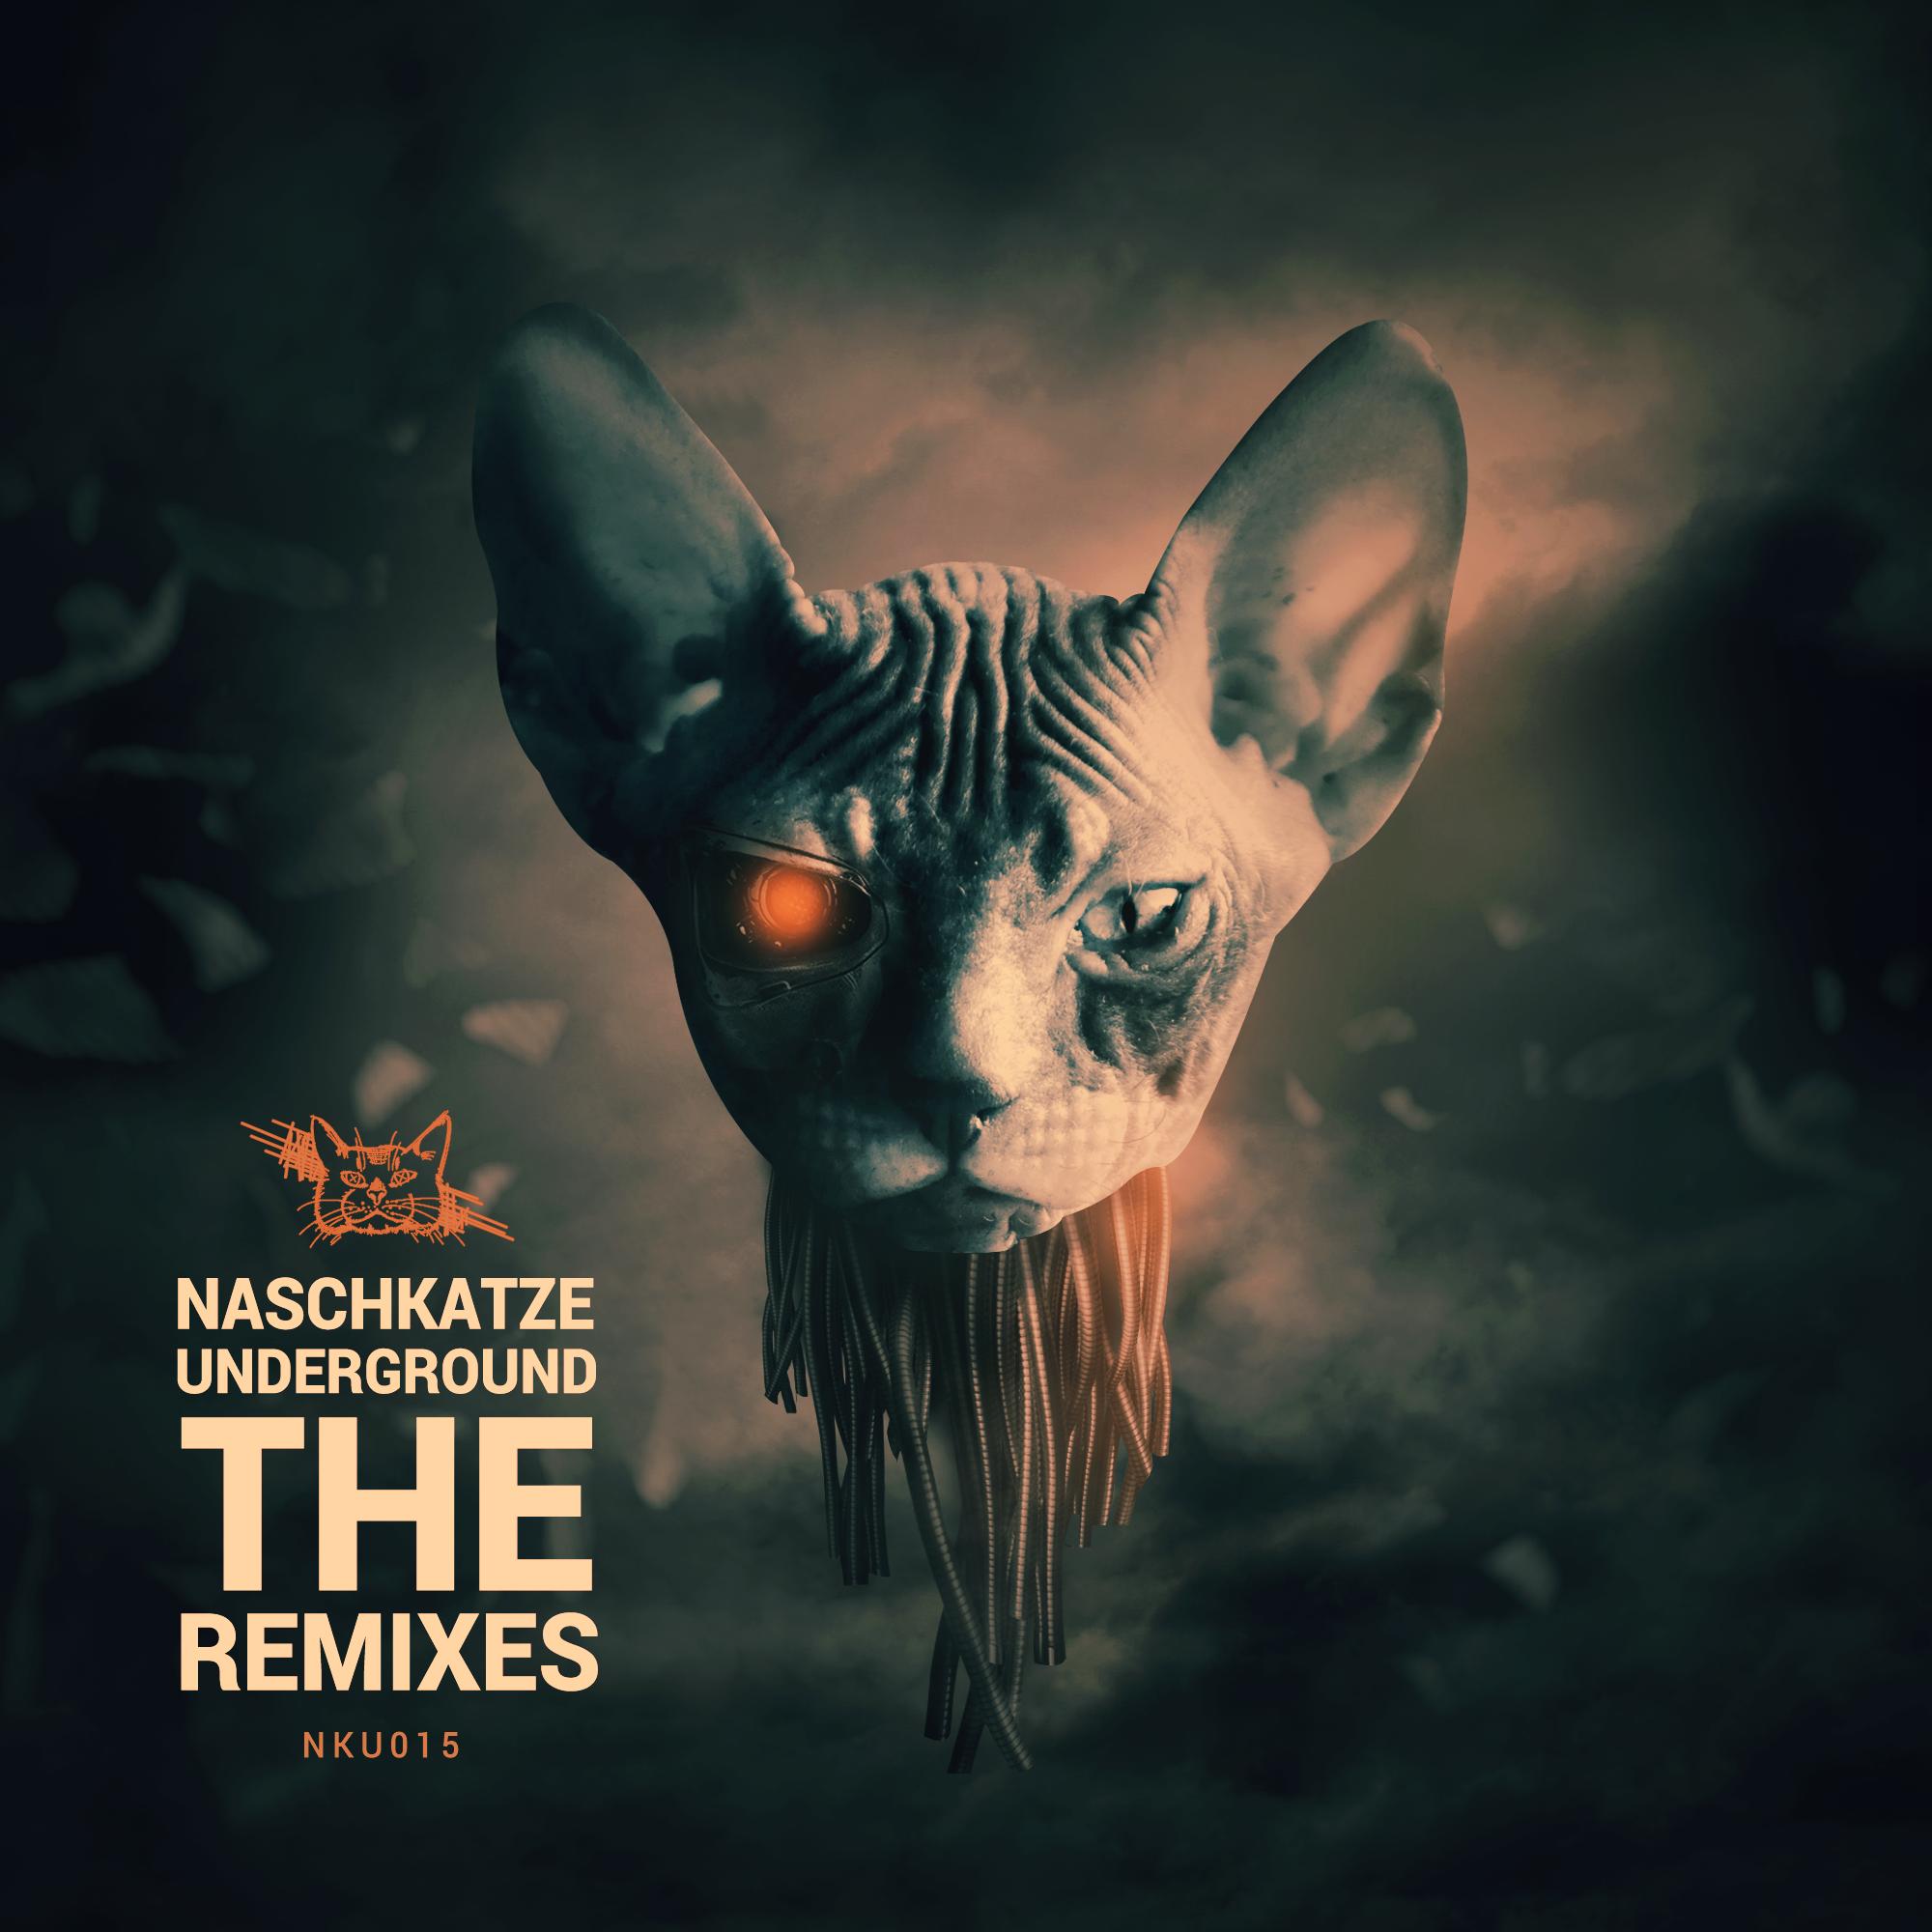 Naschkatze Underground The Remixes